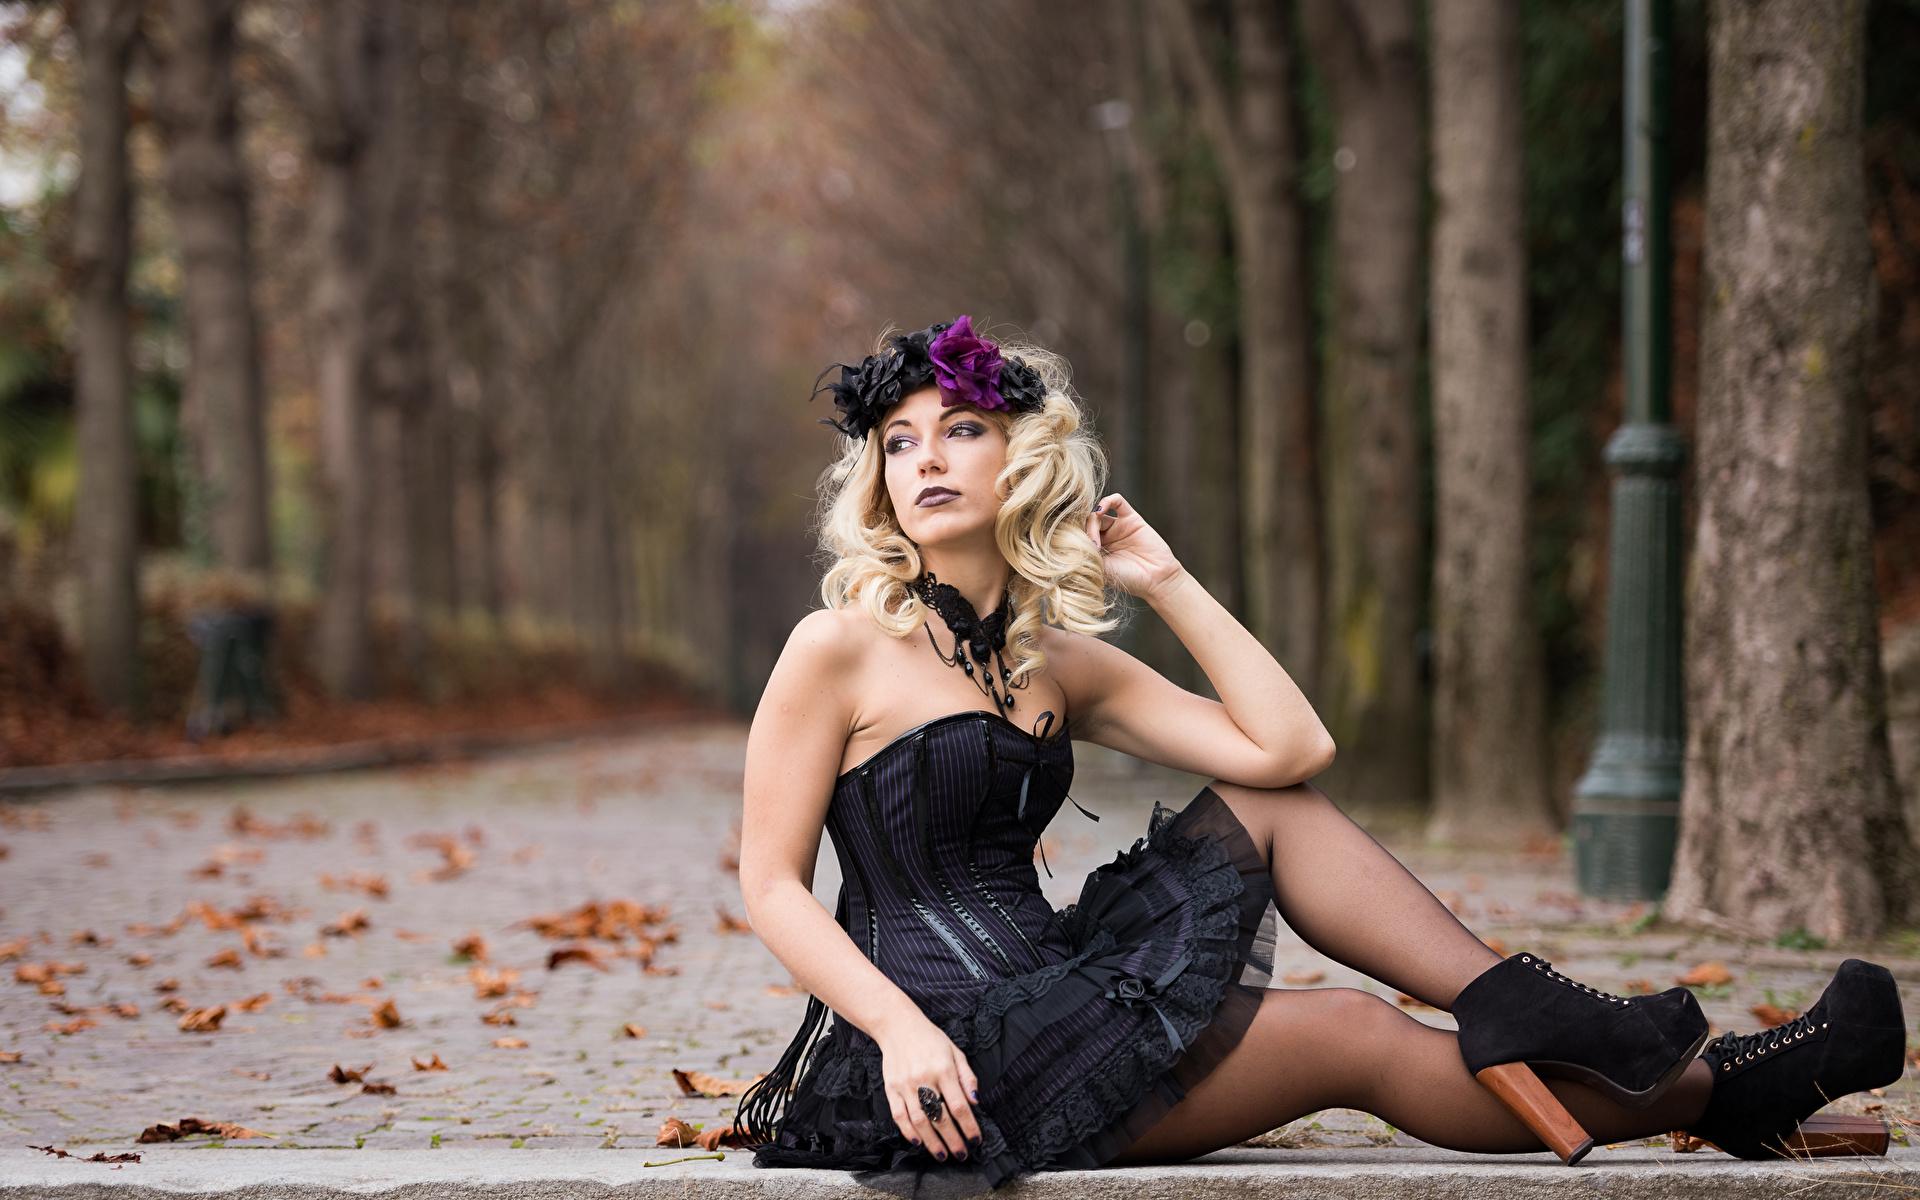 Обои для рабочего стола Готика Фэнтези лист Блондинка боке Осень Венок Девушки Ноги Сидит платья 1920x1200 готические Листва Листья блондинки блондинок Размытый фон венком осенние девушка молодая женщина молодые женщины ног сидя сидящие Платье